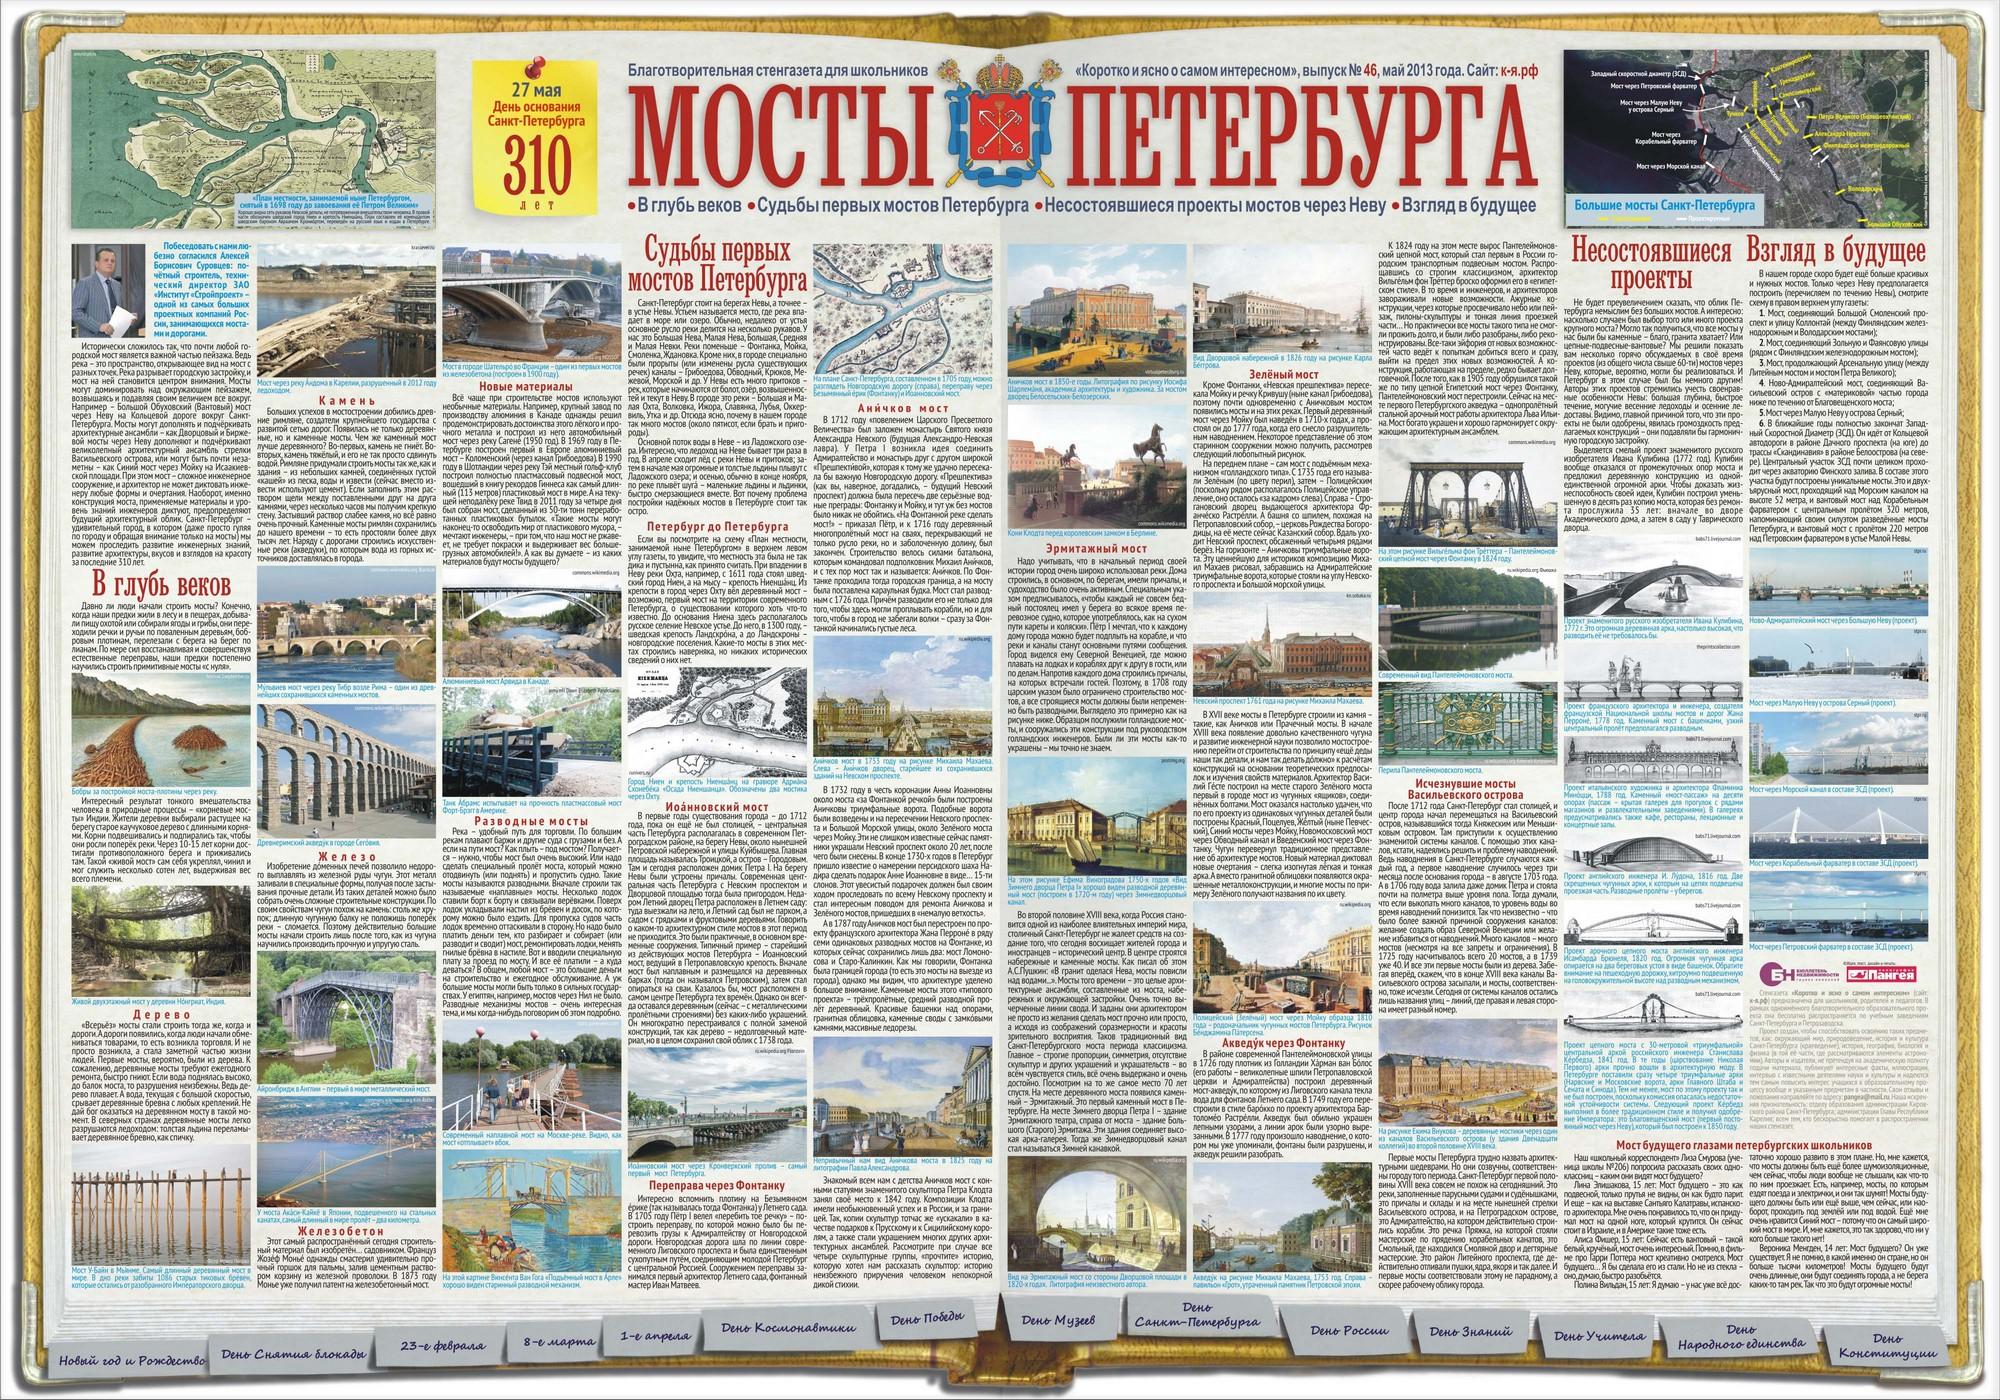 Стенгазета Мосты Петербурга